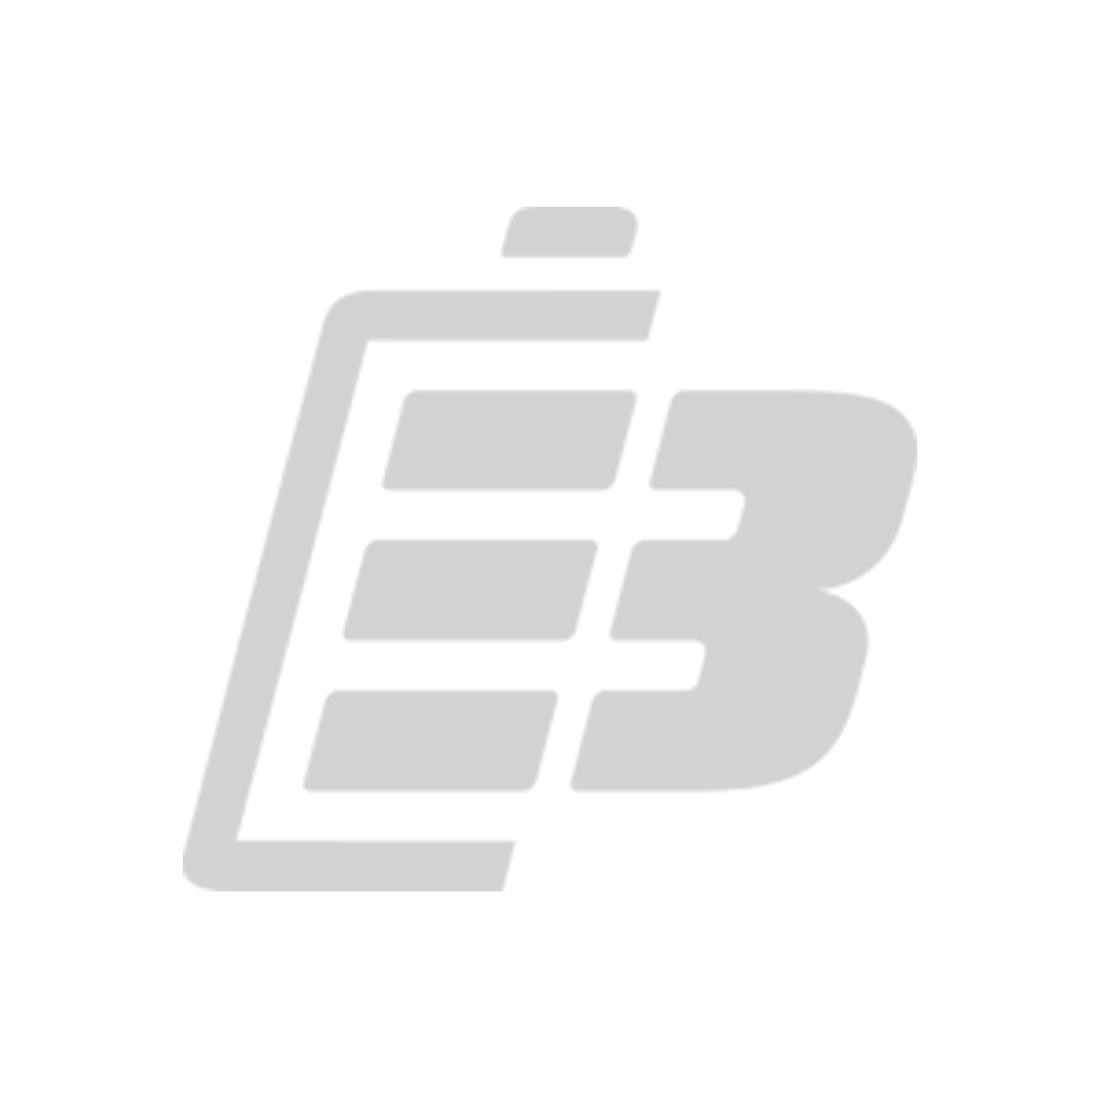 Olight i1R 2 EOS LED KeyChain Light